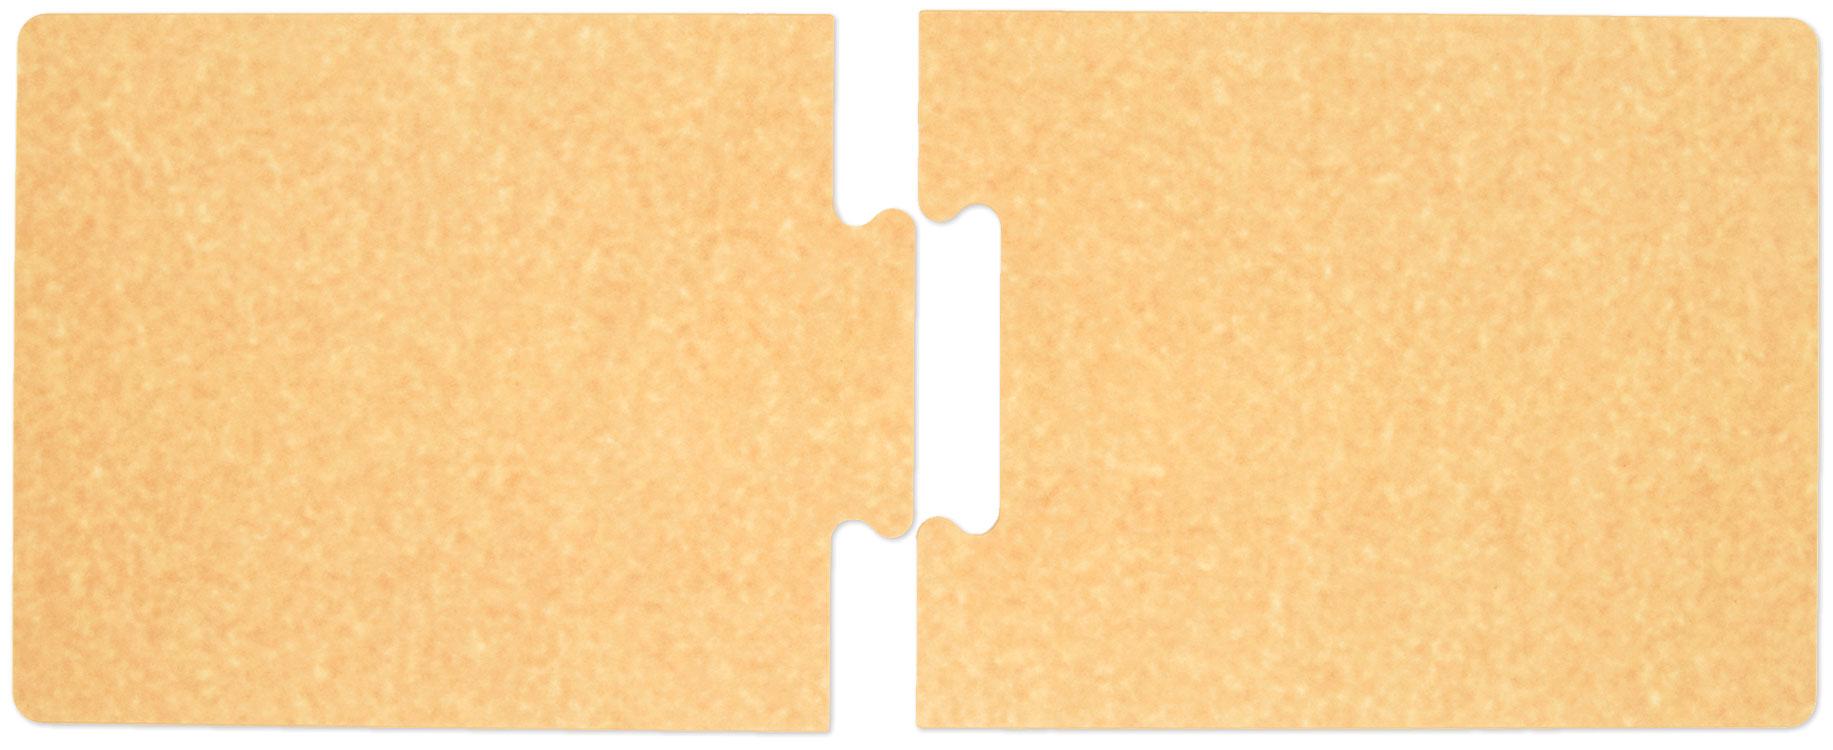 puzzleboards_apart-copy.jpg